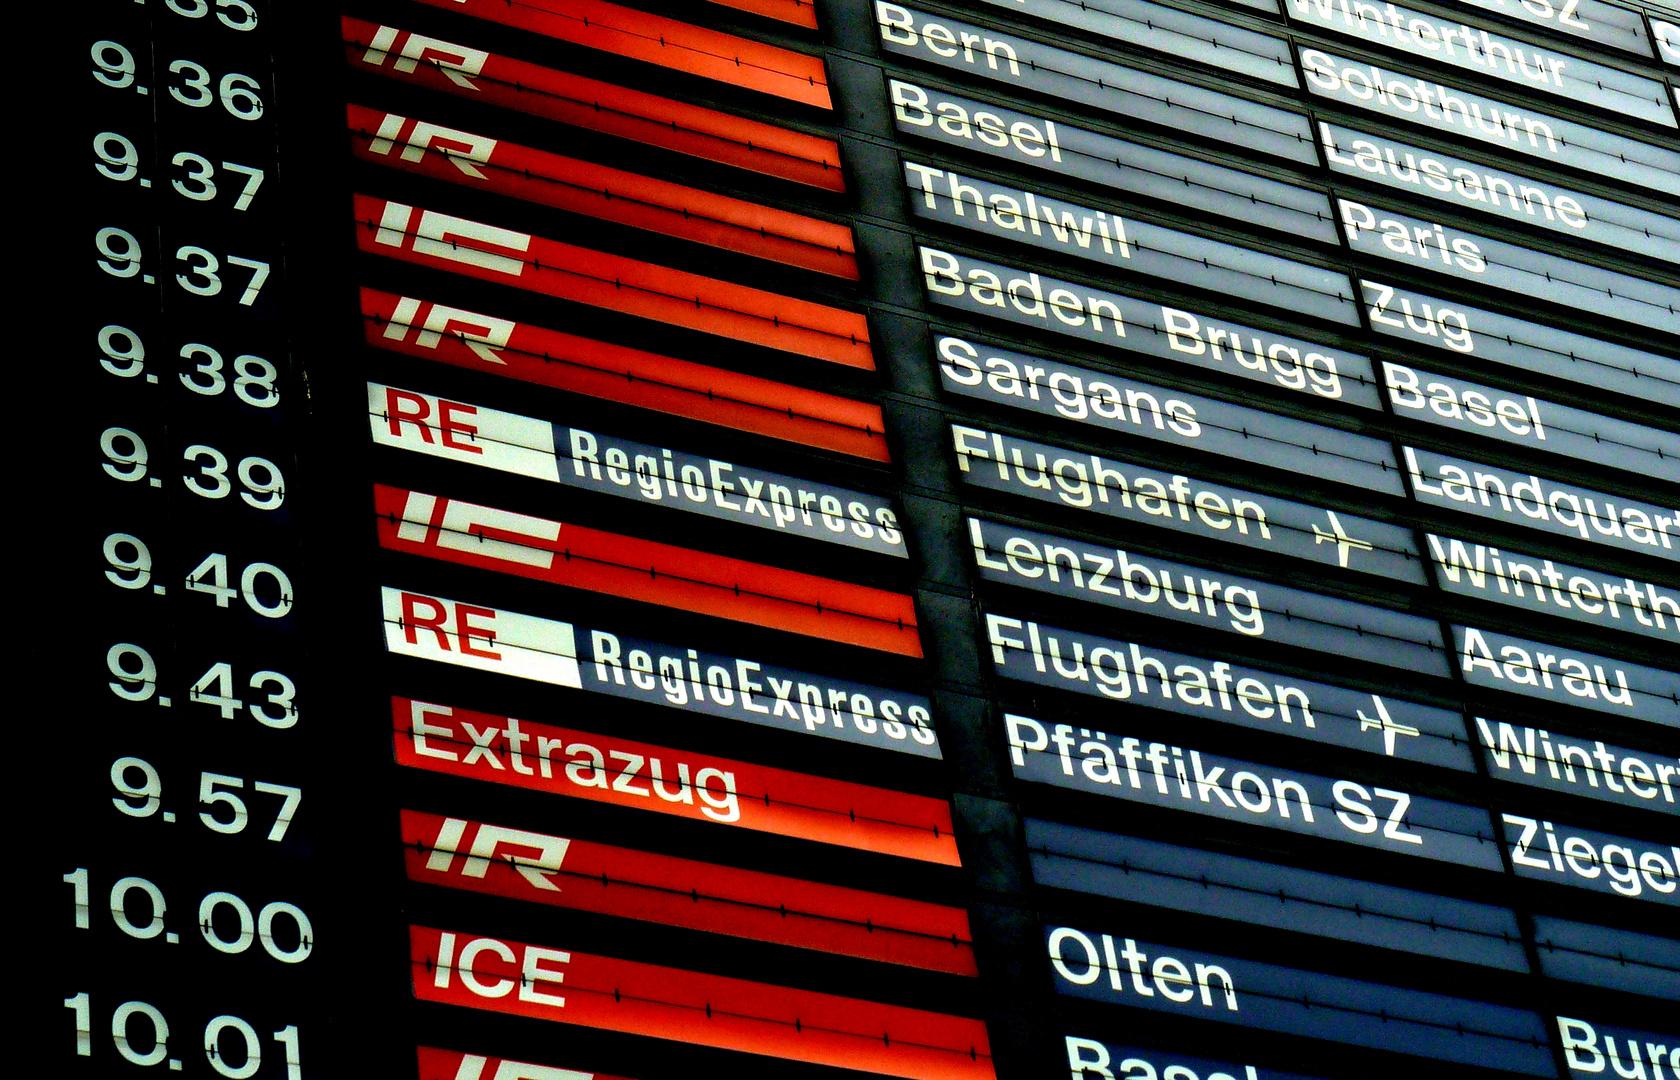 Abfahrtstafel in Zürich HB